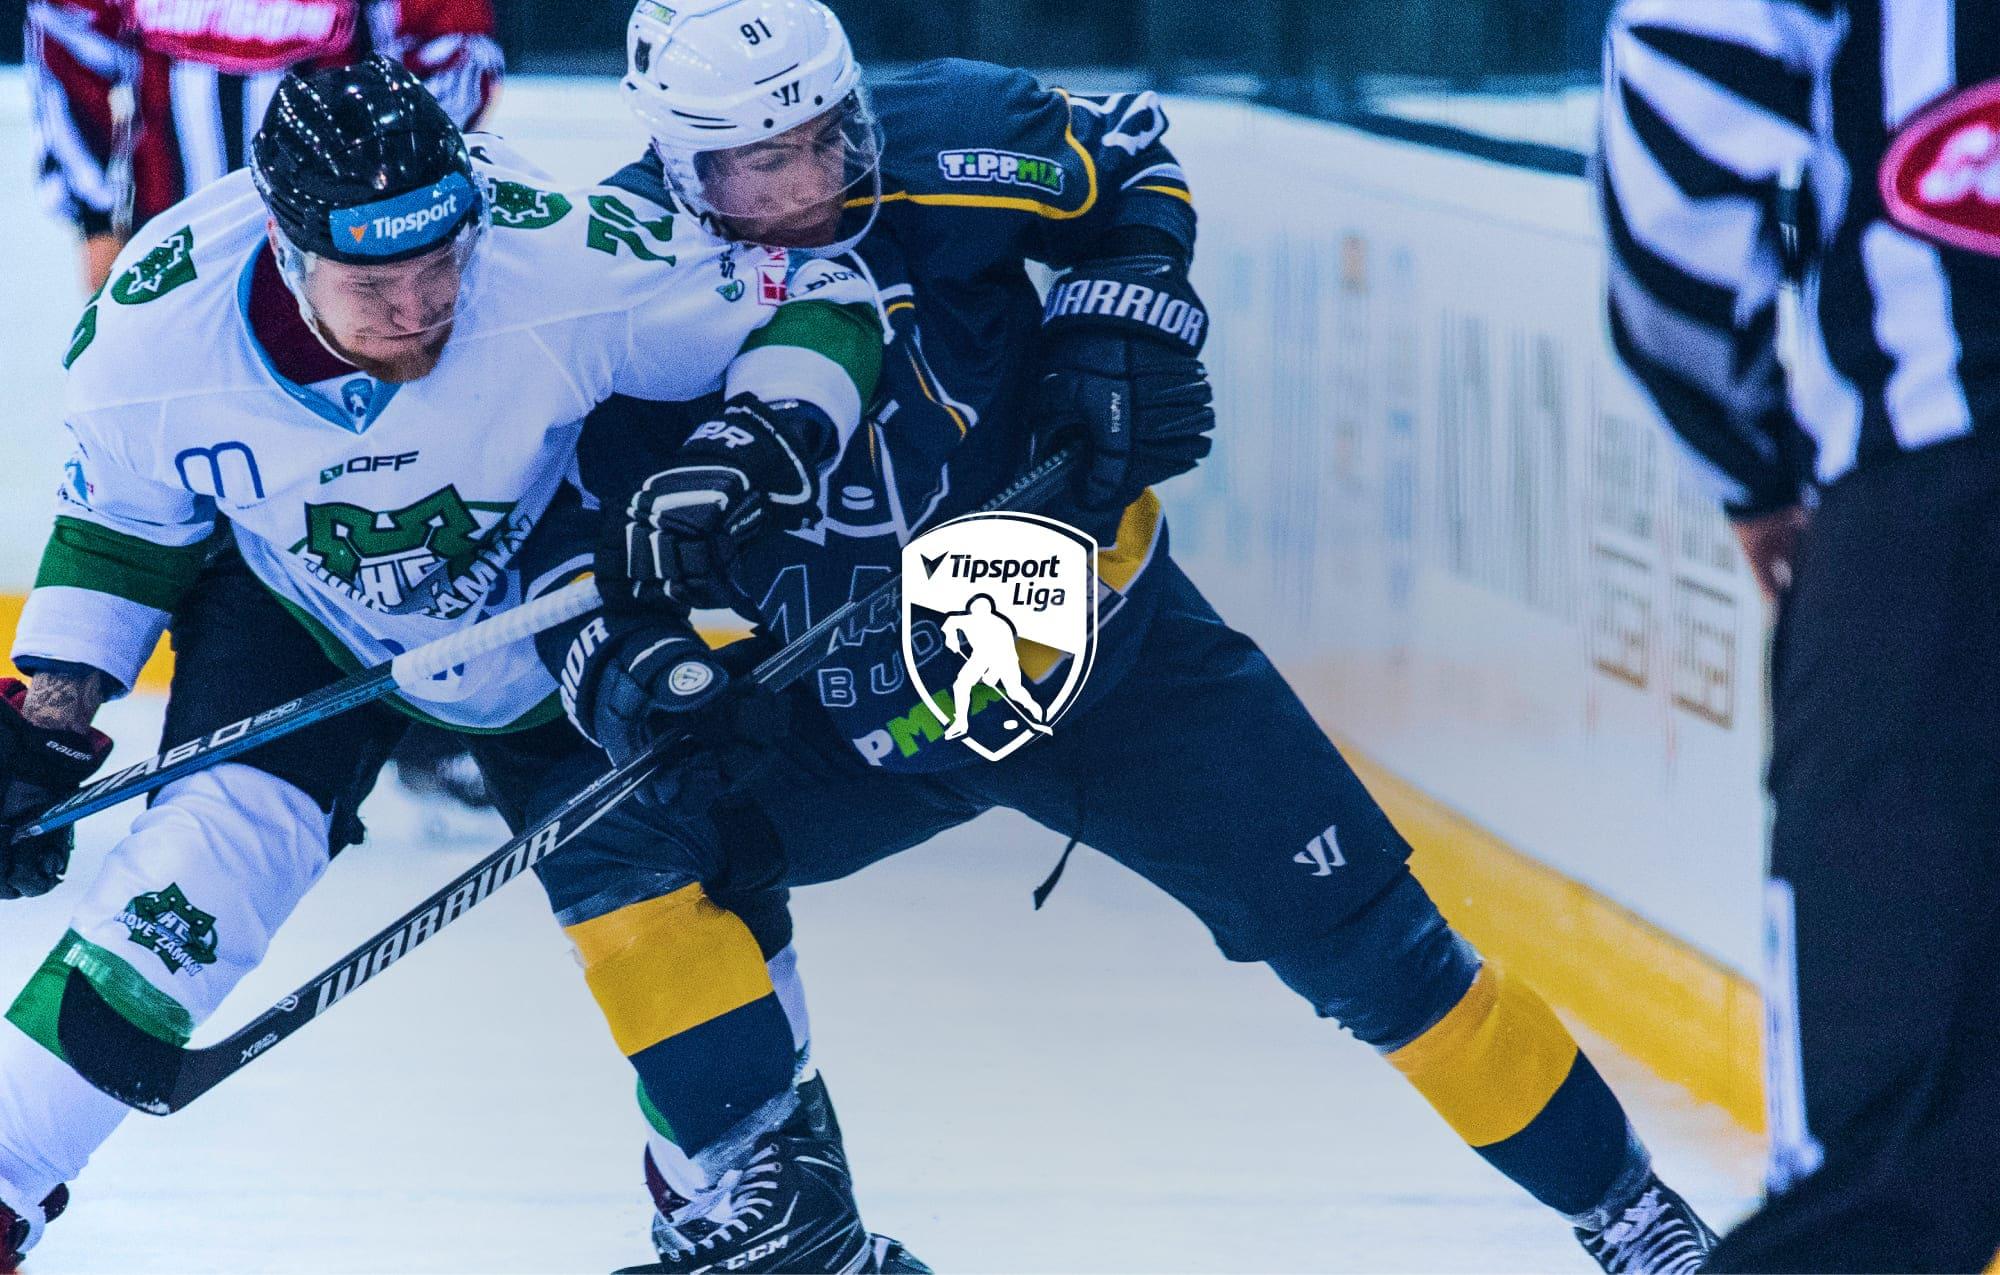 Mobilná aplikácia pre fanúšikov Slovenskej hokejovej ligy